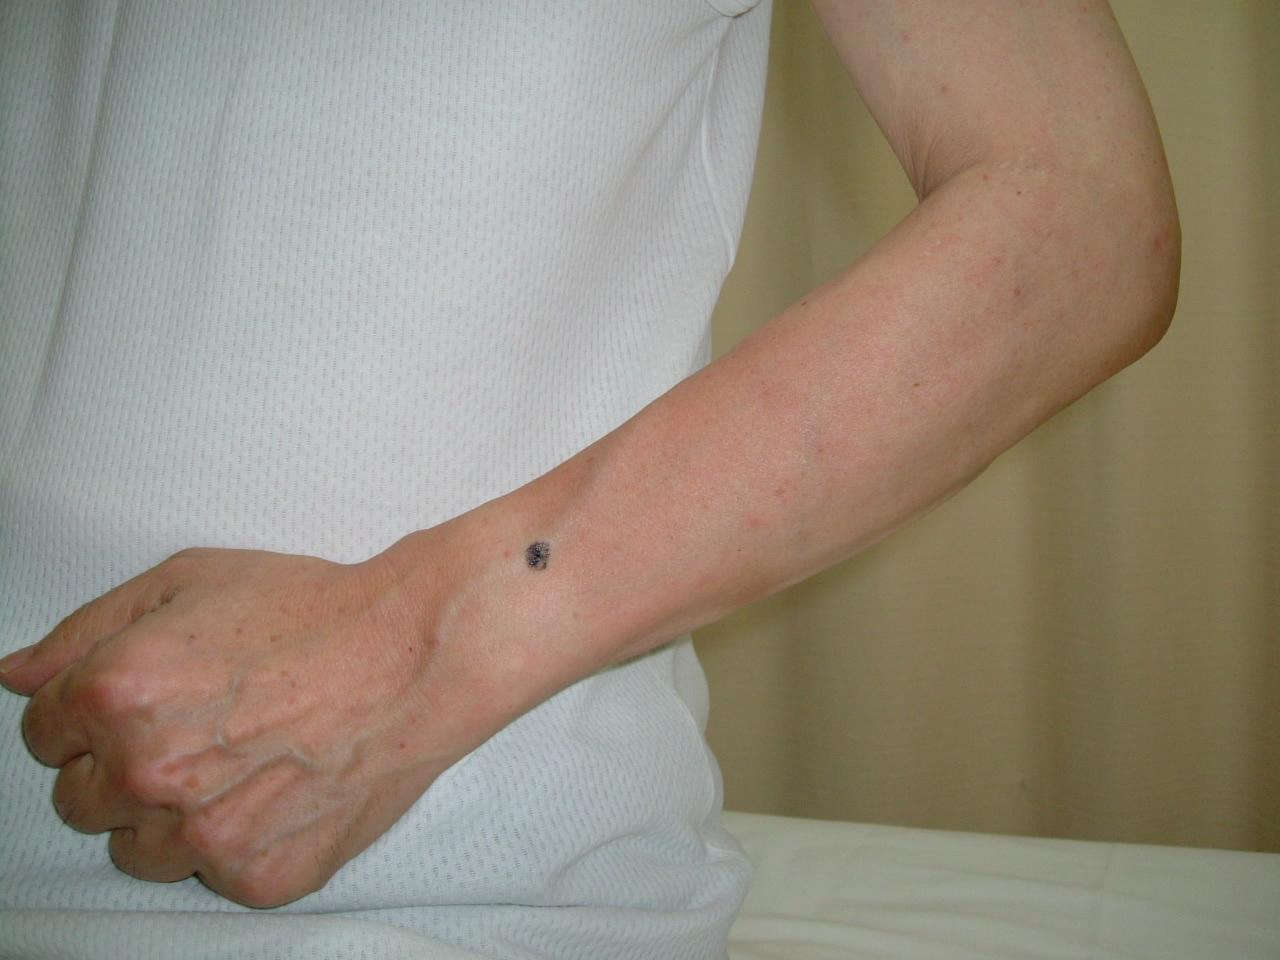 鍼灸治療のQ&Aブログ : 肩凝り